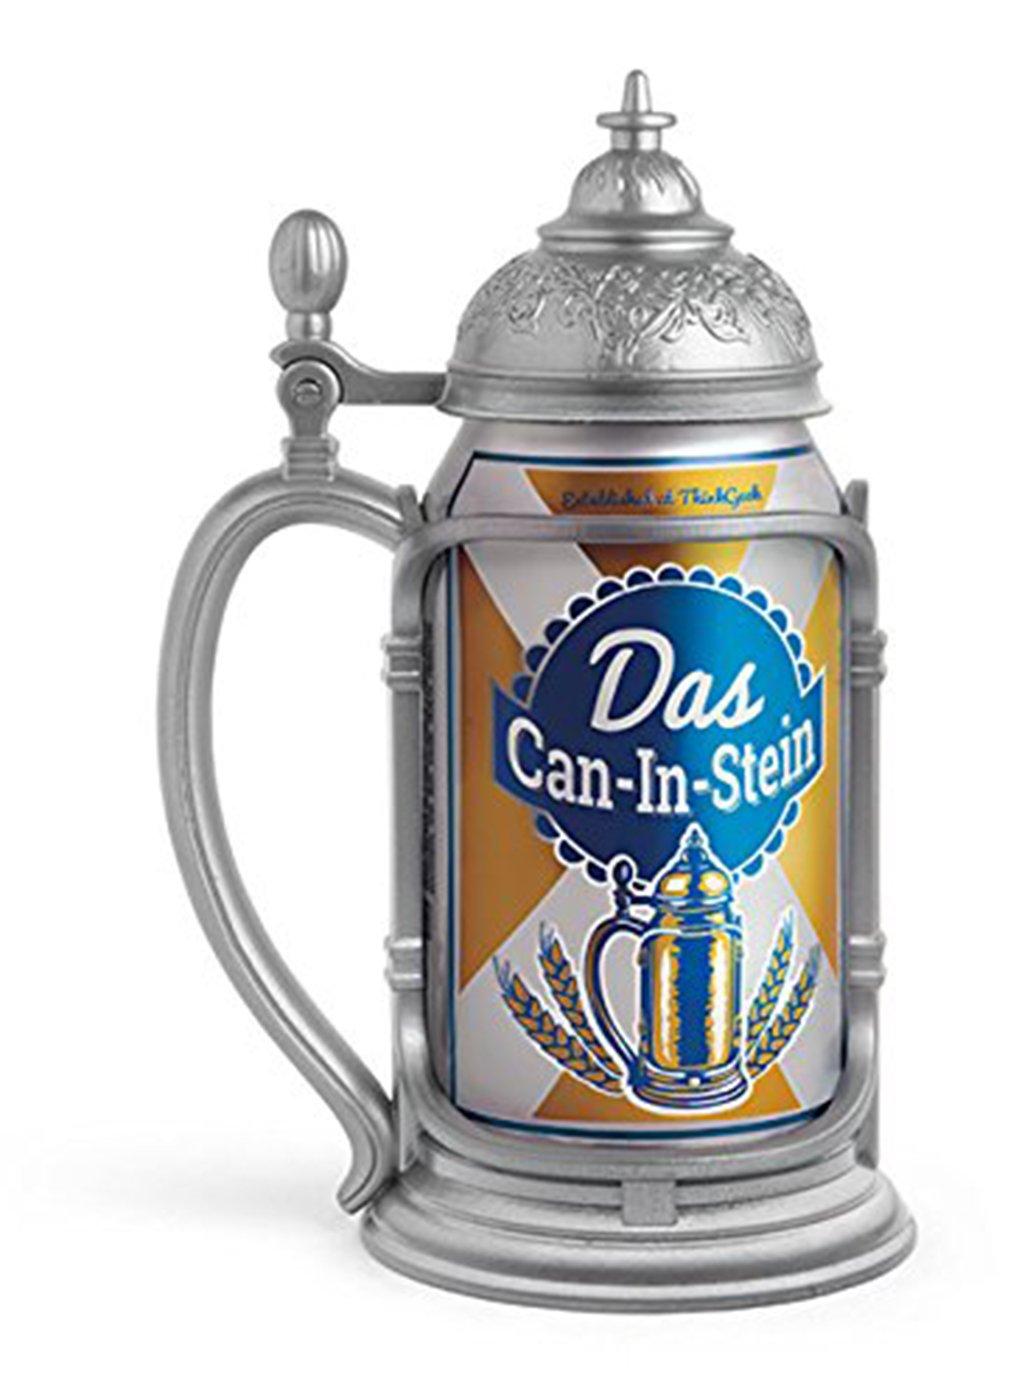 Lid german beer mug hinged lid gaming computer desk ideas - Amazon Com Thinkgeek Das Can In Stein Oktoberfest Every Day Beer Mugs Steins